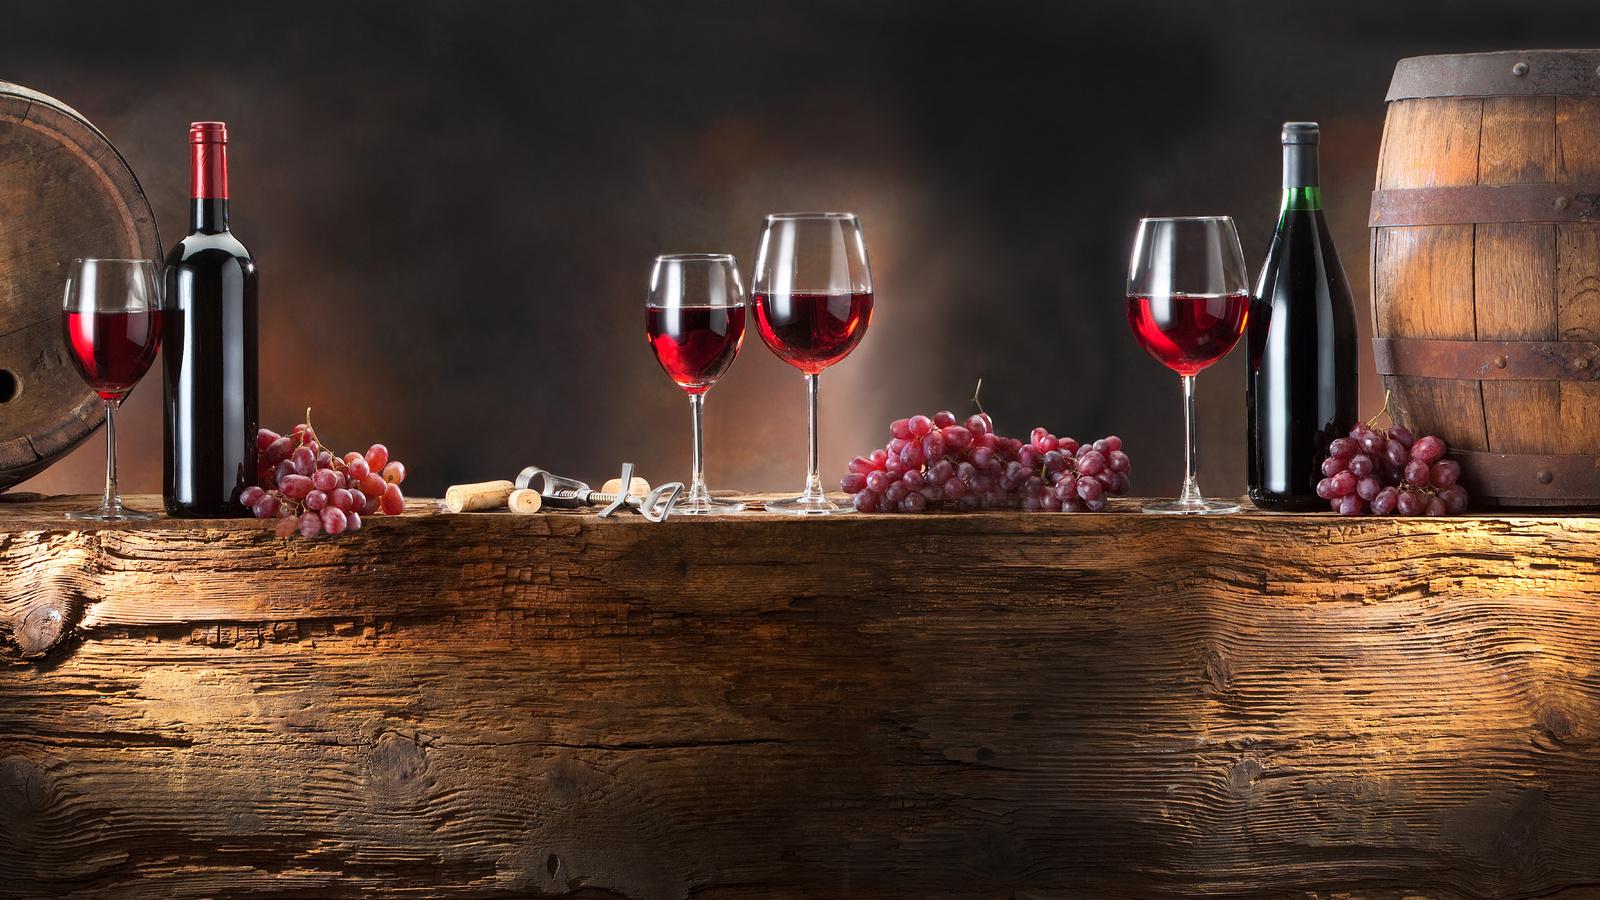 20871 скачать обои Еда, Виноград, Вино - заставки и картинки бесплатно